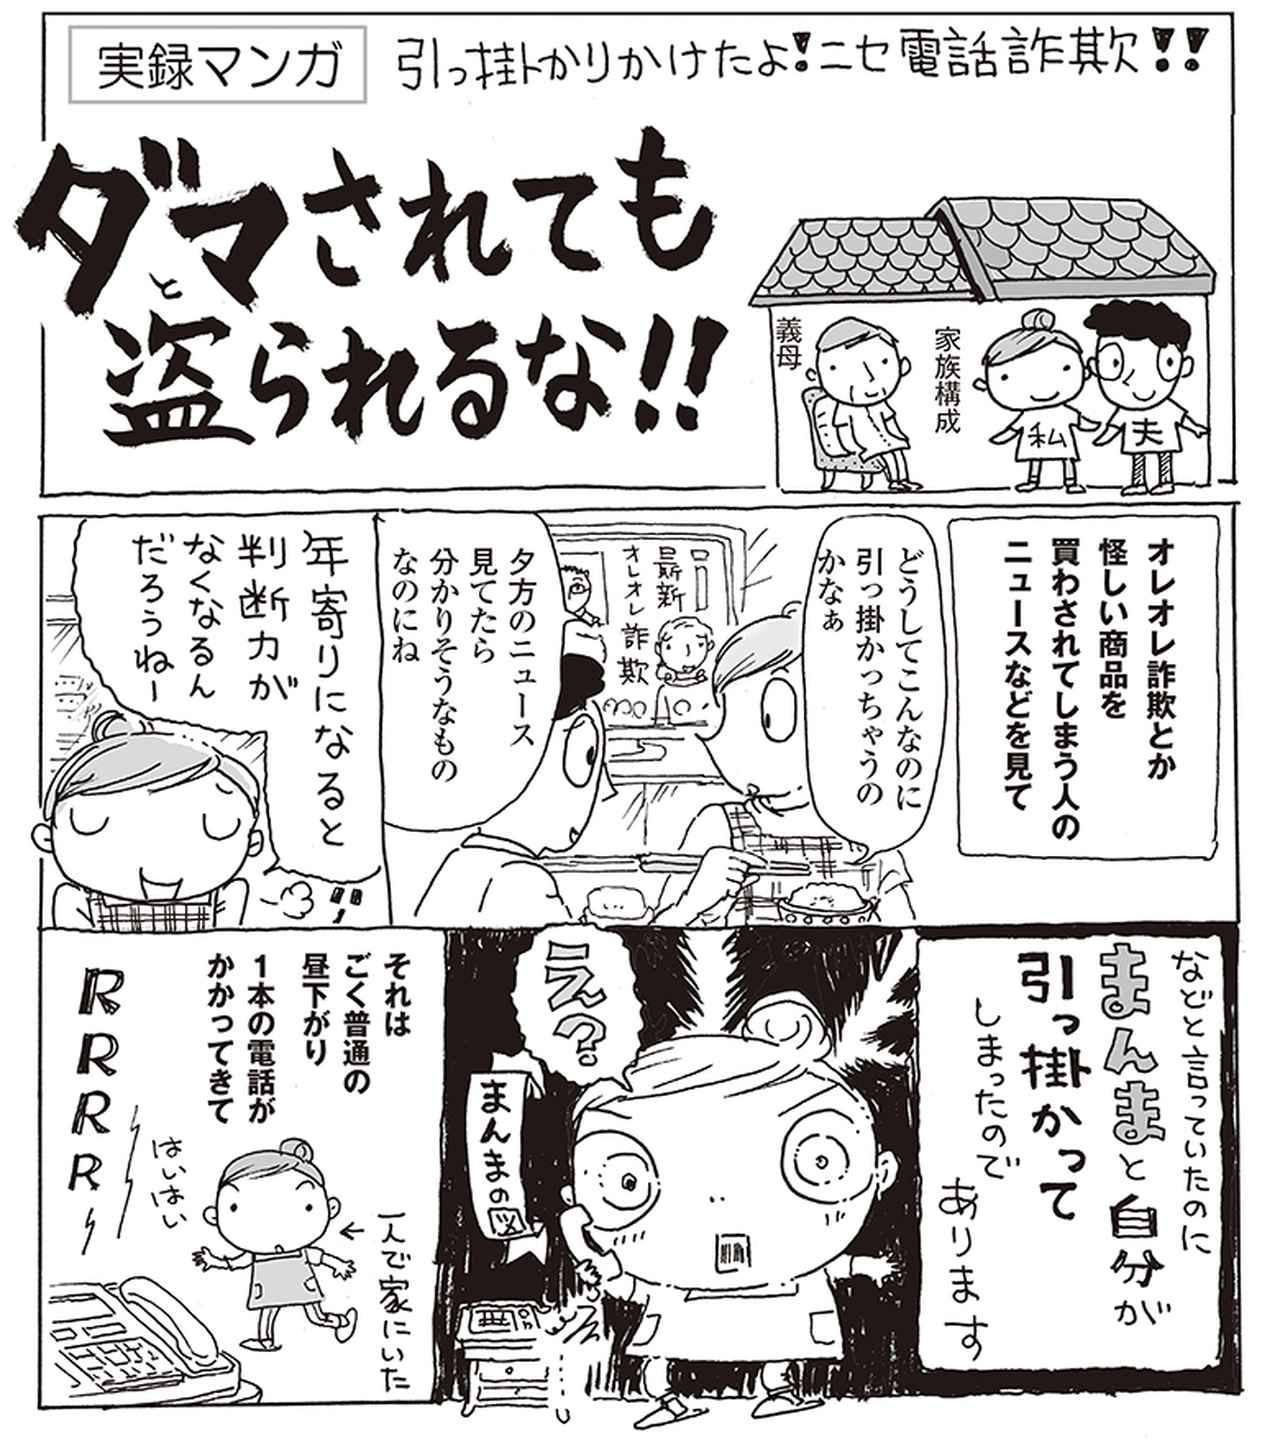 画像1: 【実録マンガ】 引っ掛かりかけたよ!ニセ電話詐欺!